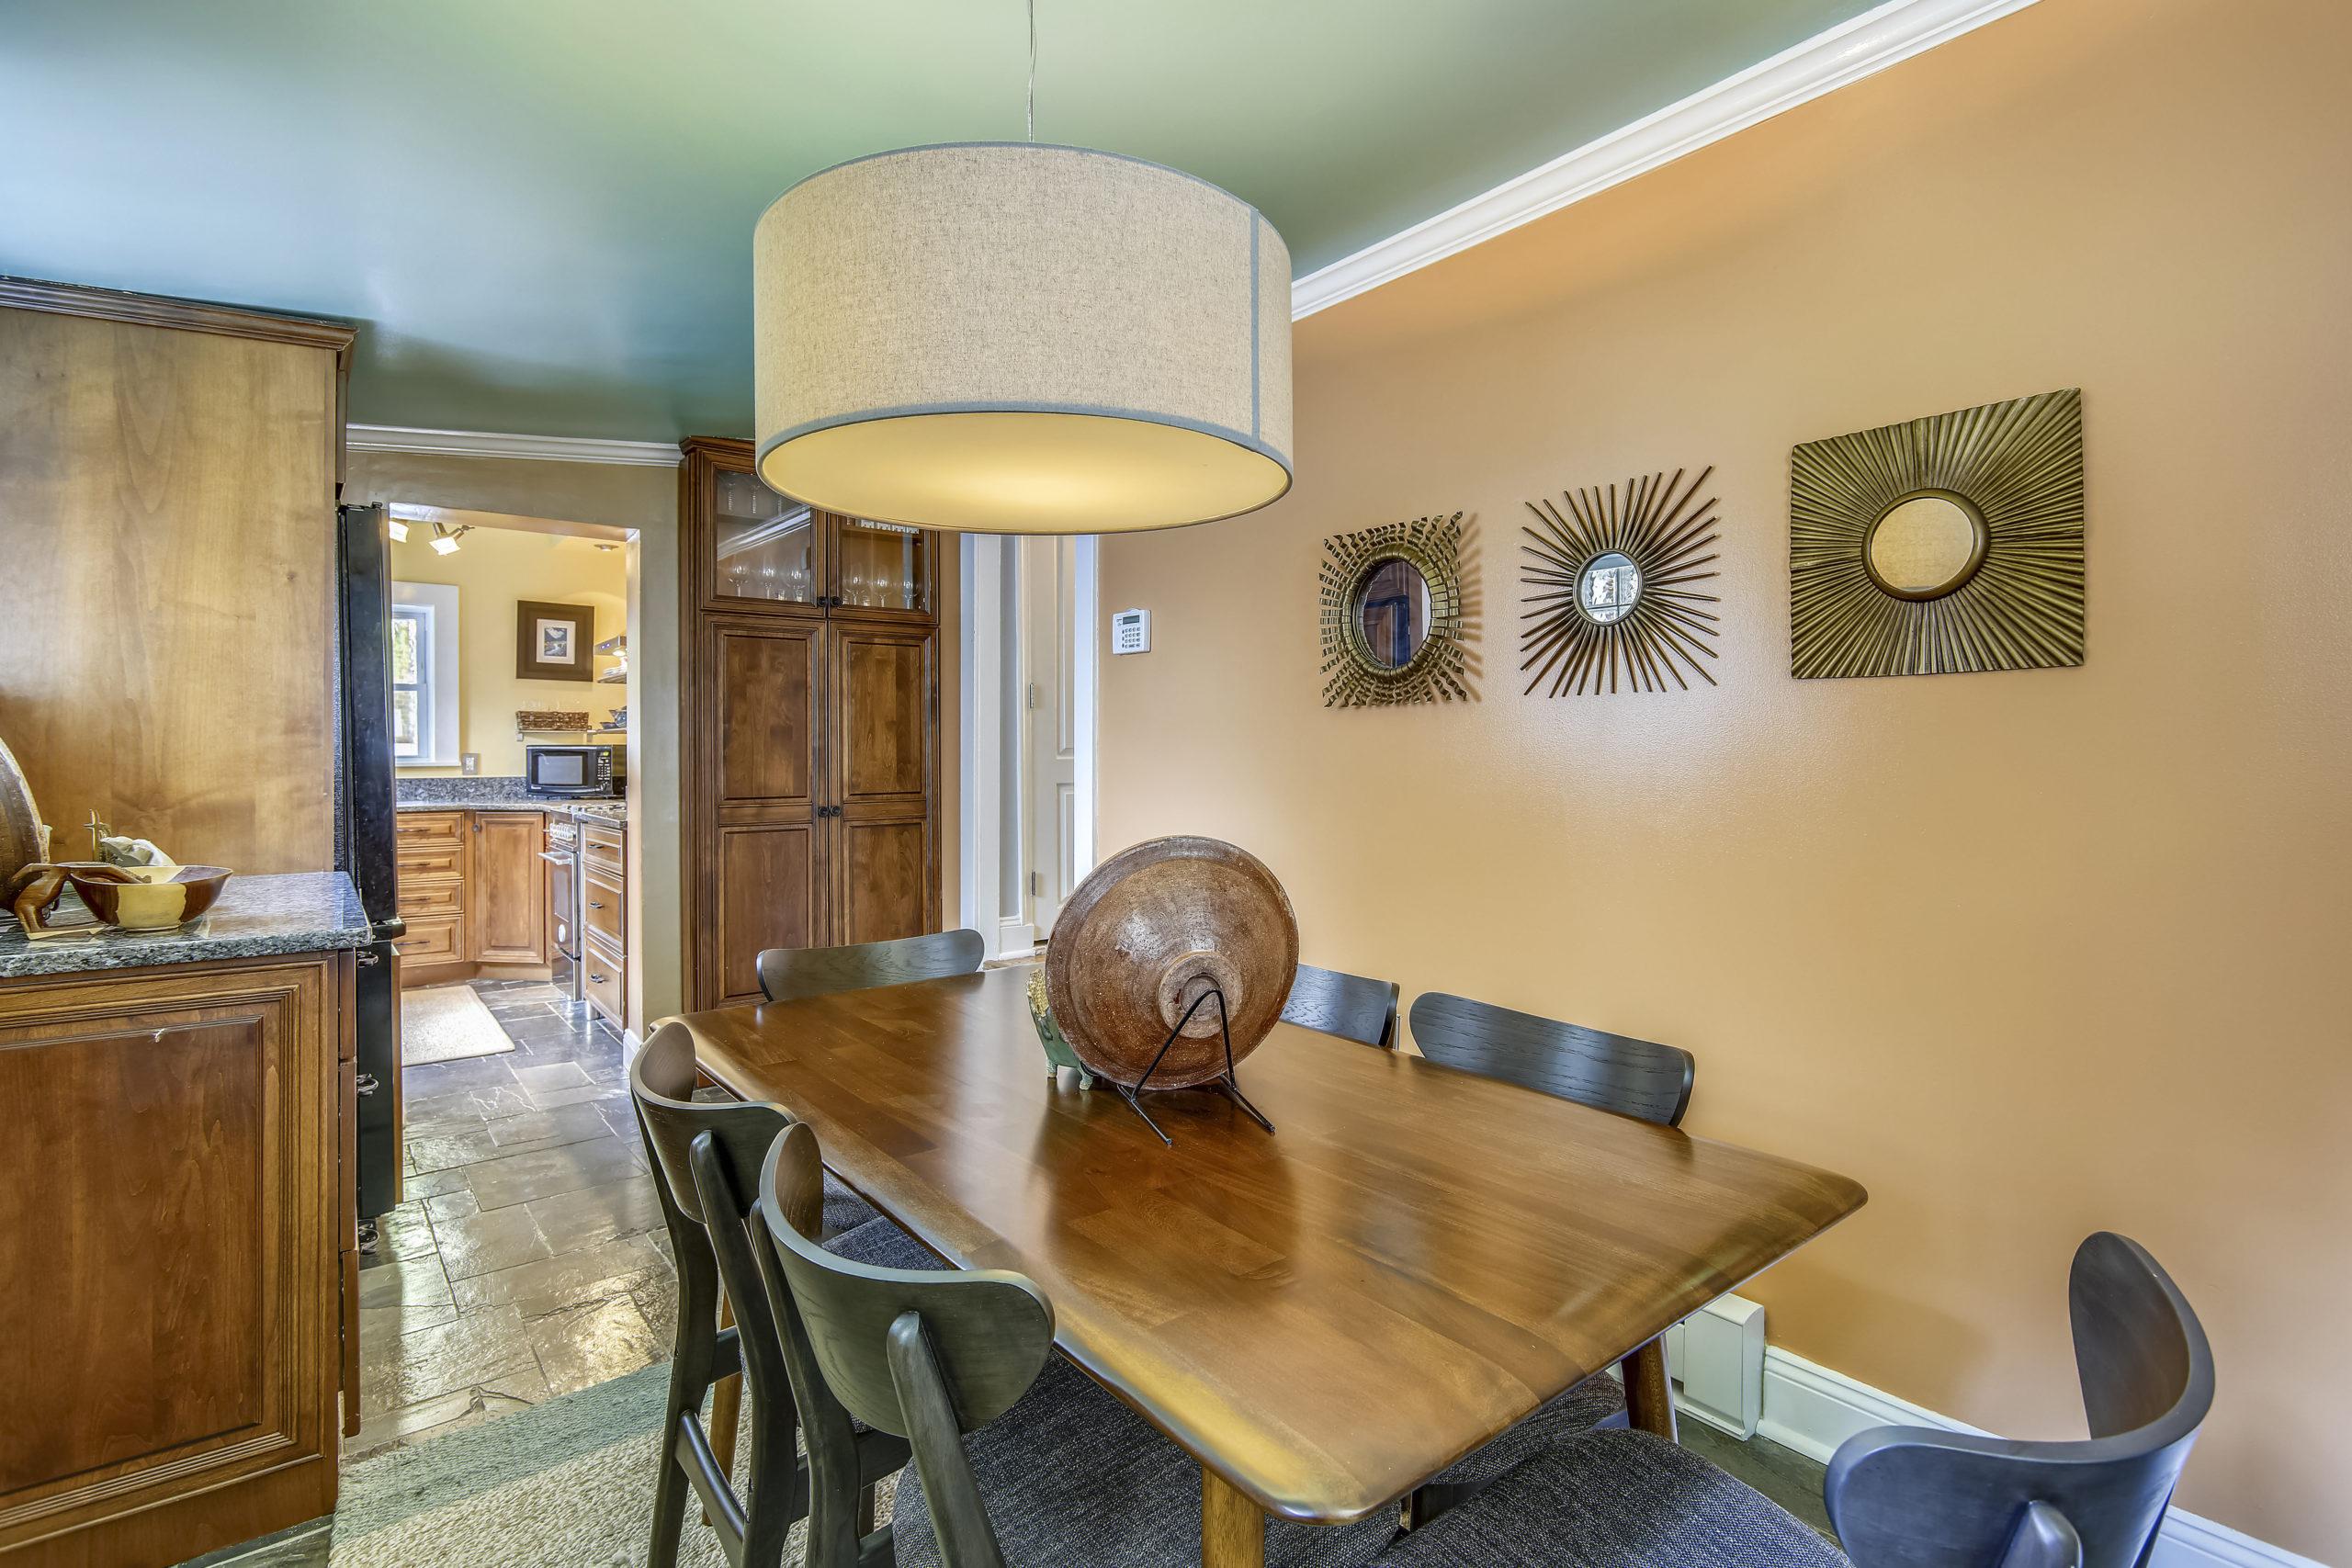 Floor Plan-Dining Room-_MG_0389 copy